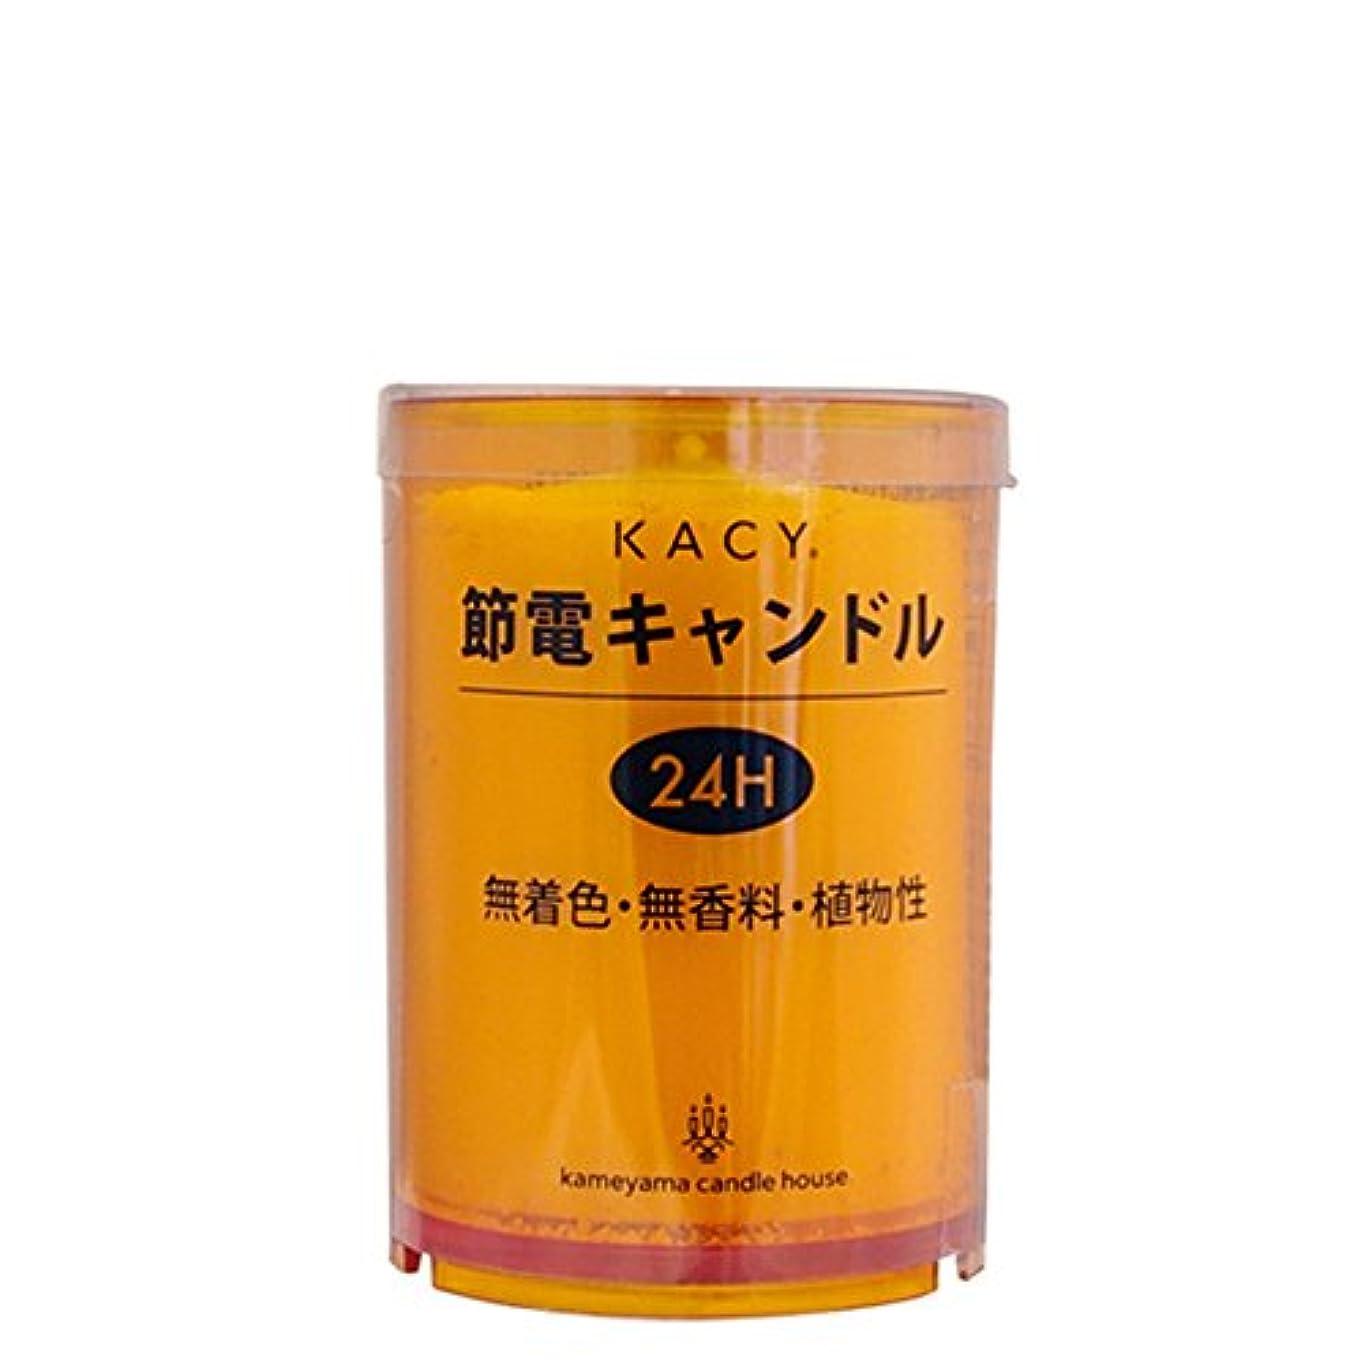 出版慢性的トラップカメヤマキャンドルハウス 節電キャンドル 24時間タイプ  オレンジ